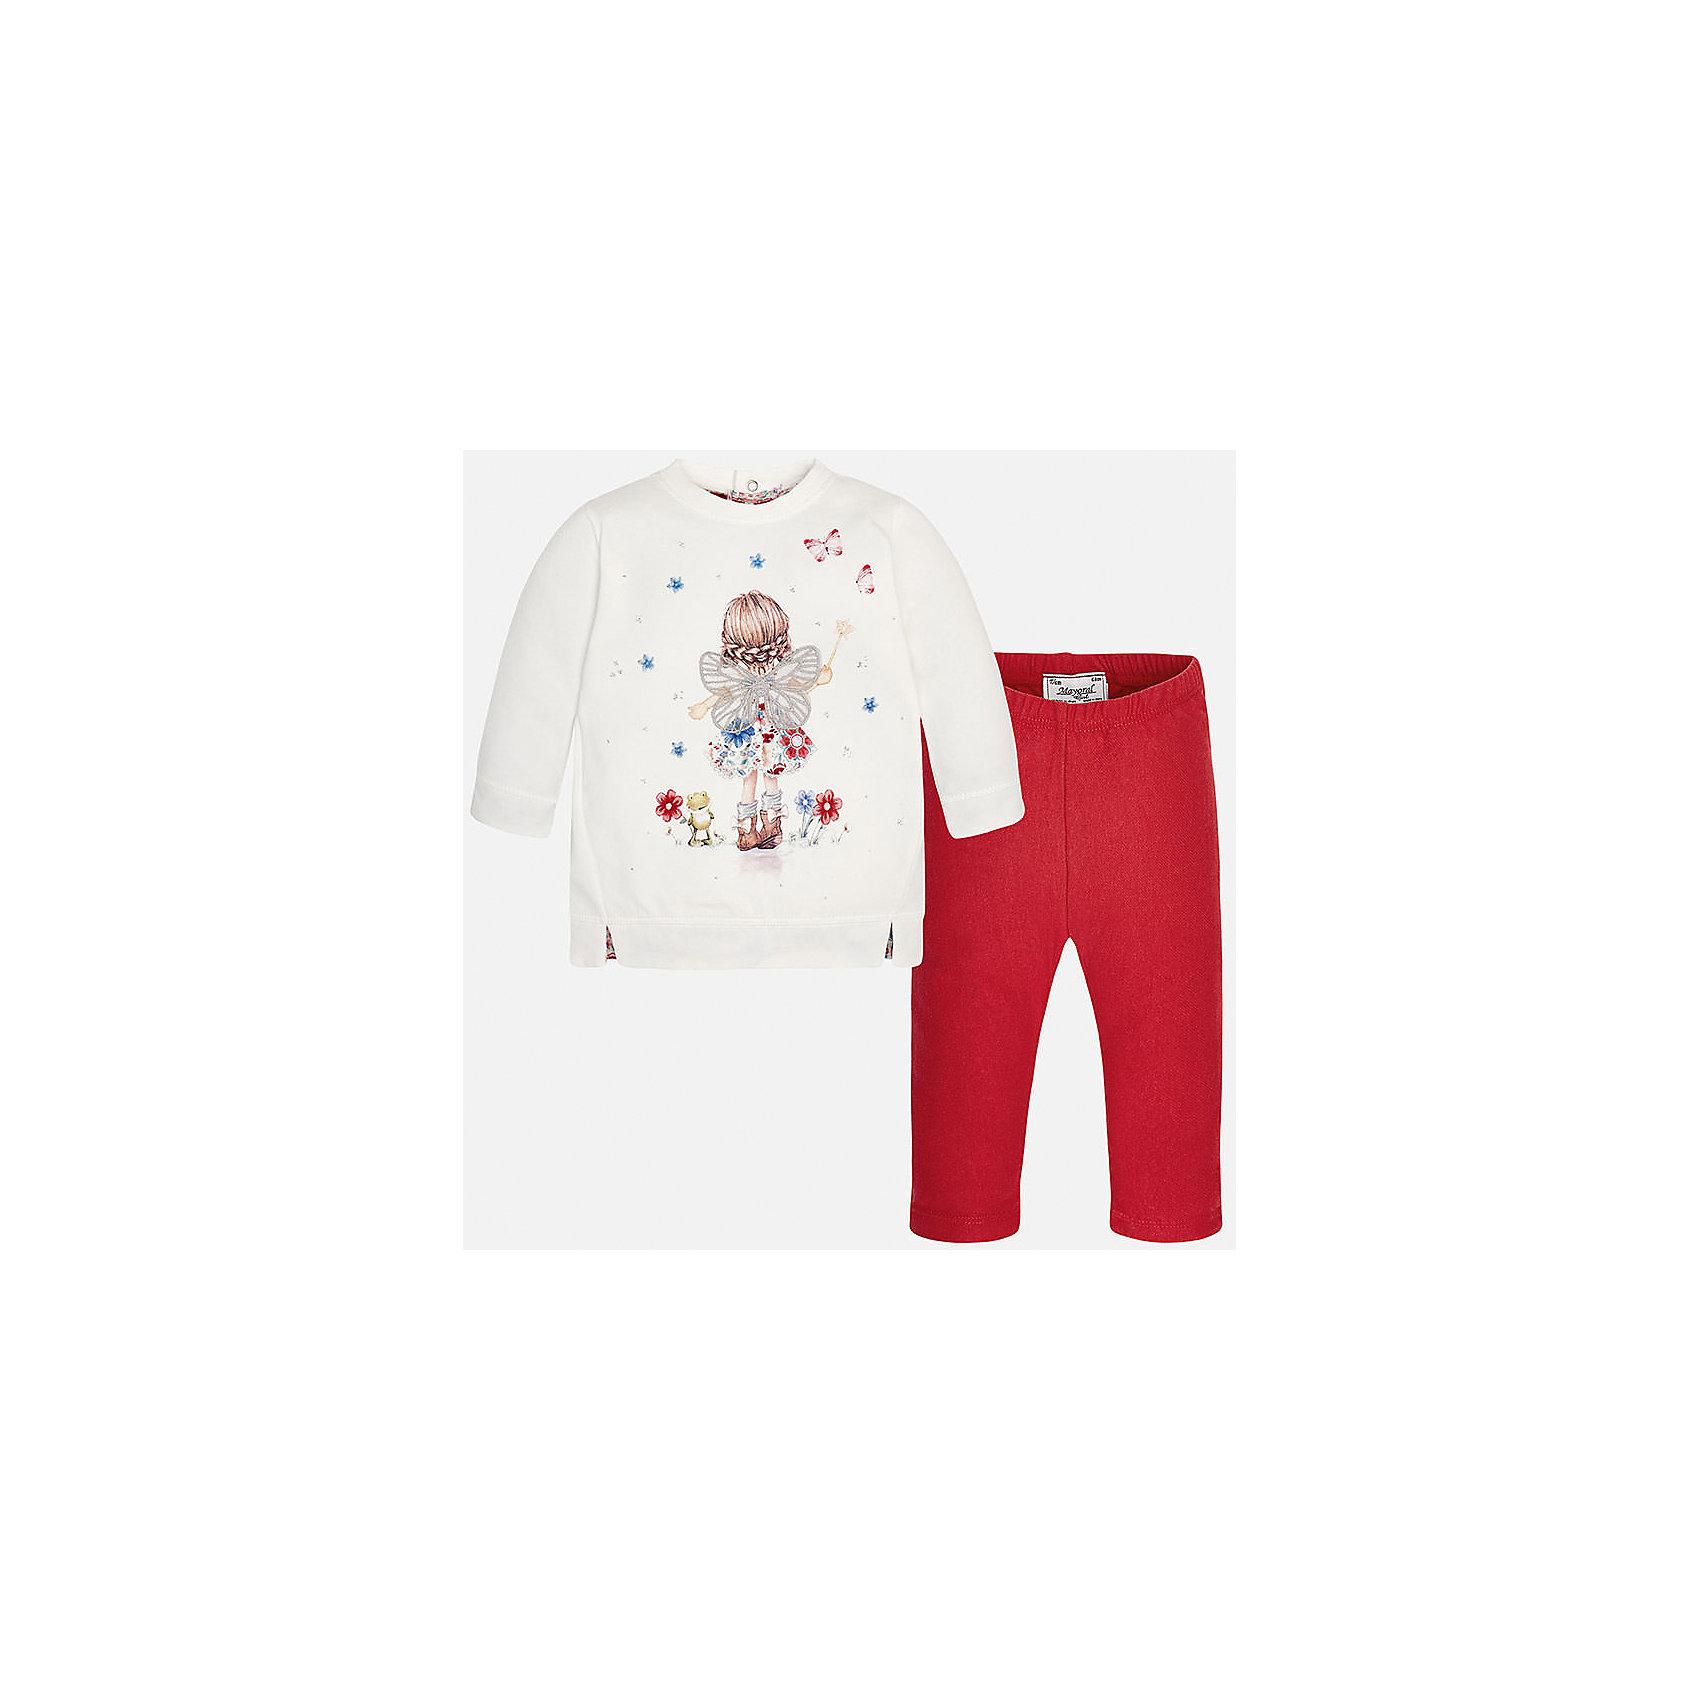 Mayoral Комплект:футболка и леггинсы для девочки Mayoral леггинсы для девочки a08622 16 красный artigli